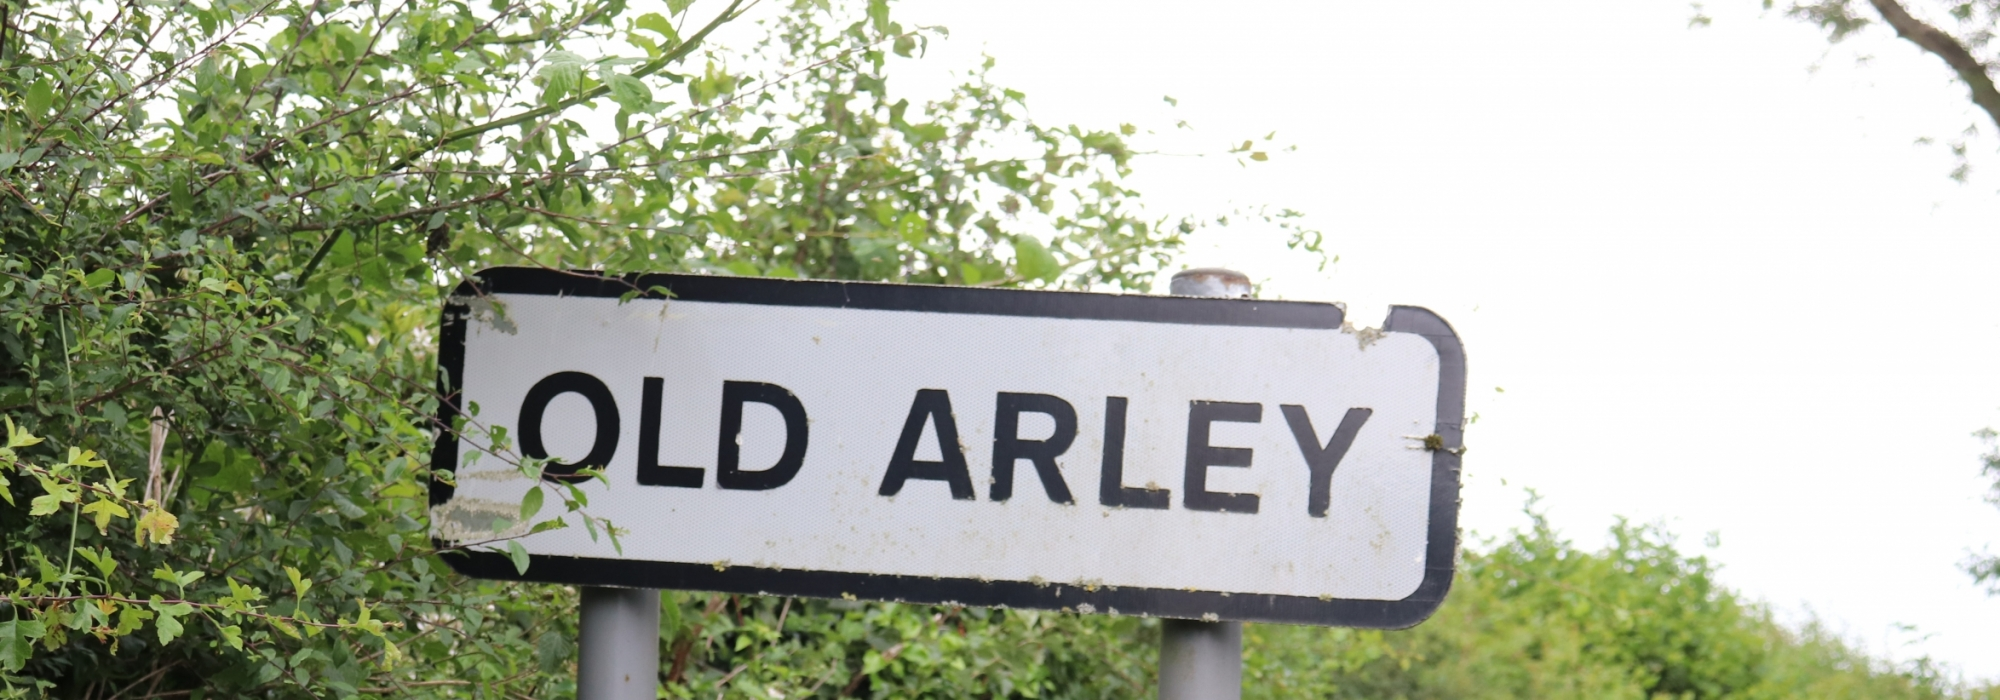 Old Arley Village Road Sign